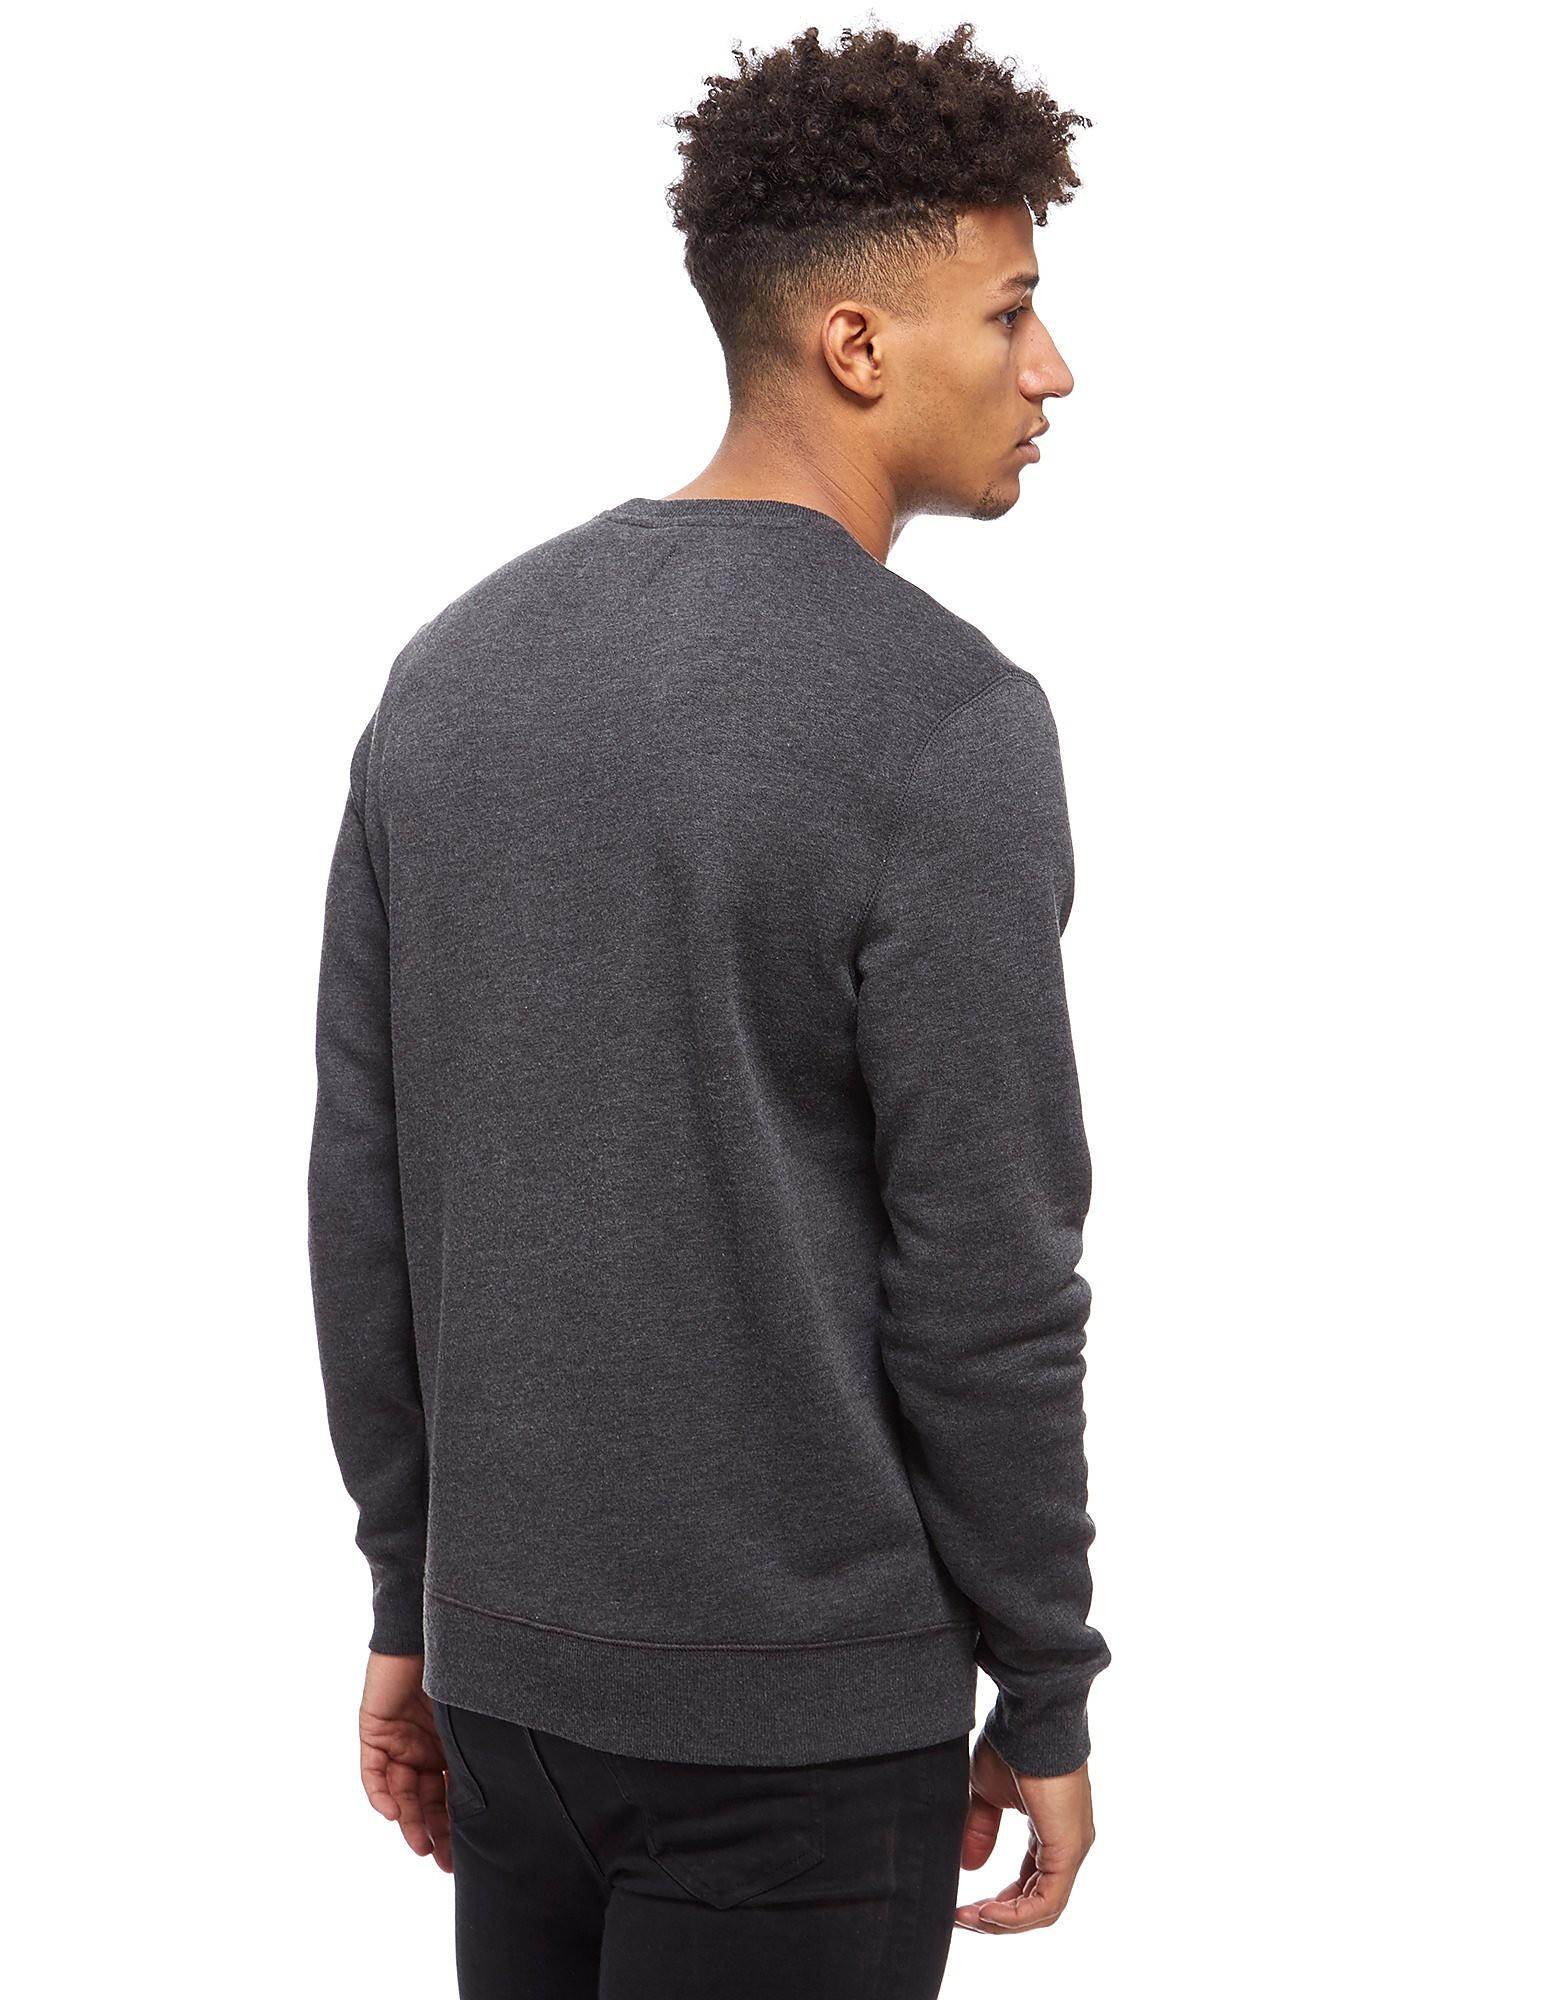 Original Penguin Secret Sam Crew Sweatshirt